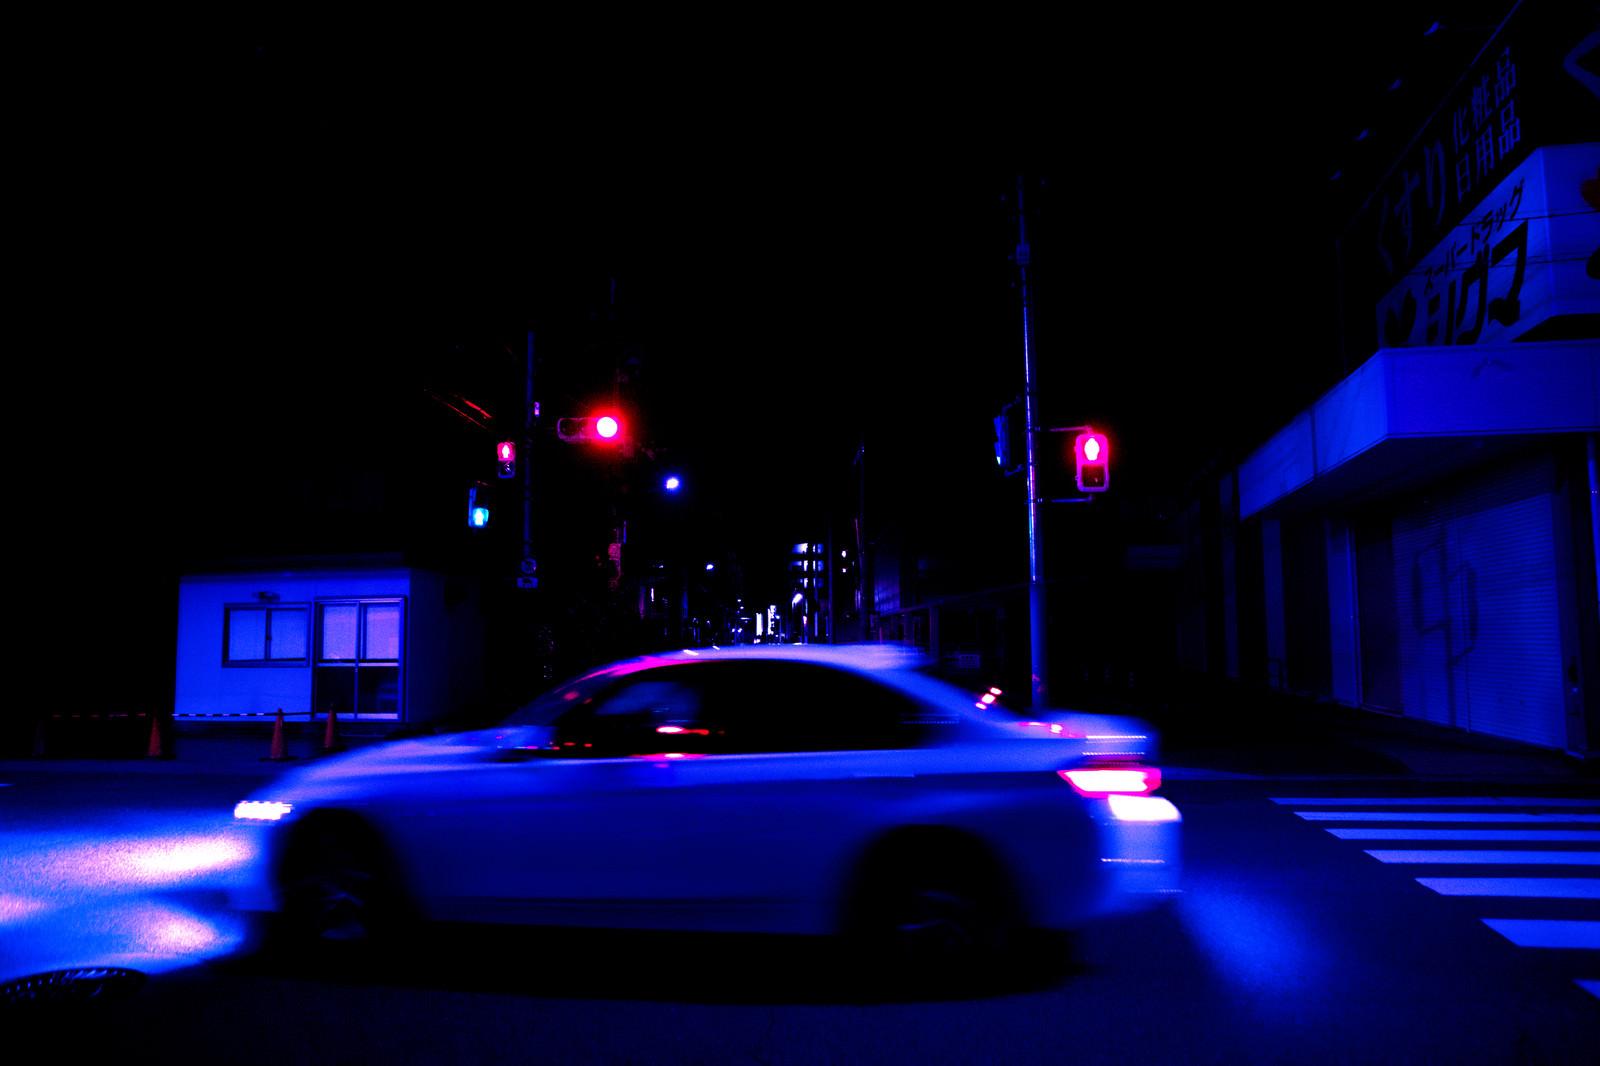 「深夜の交差点を走り去る自動車」の写真